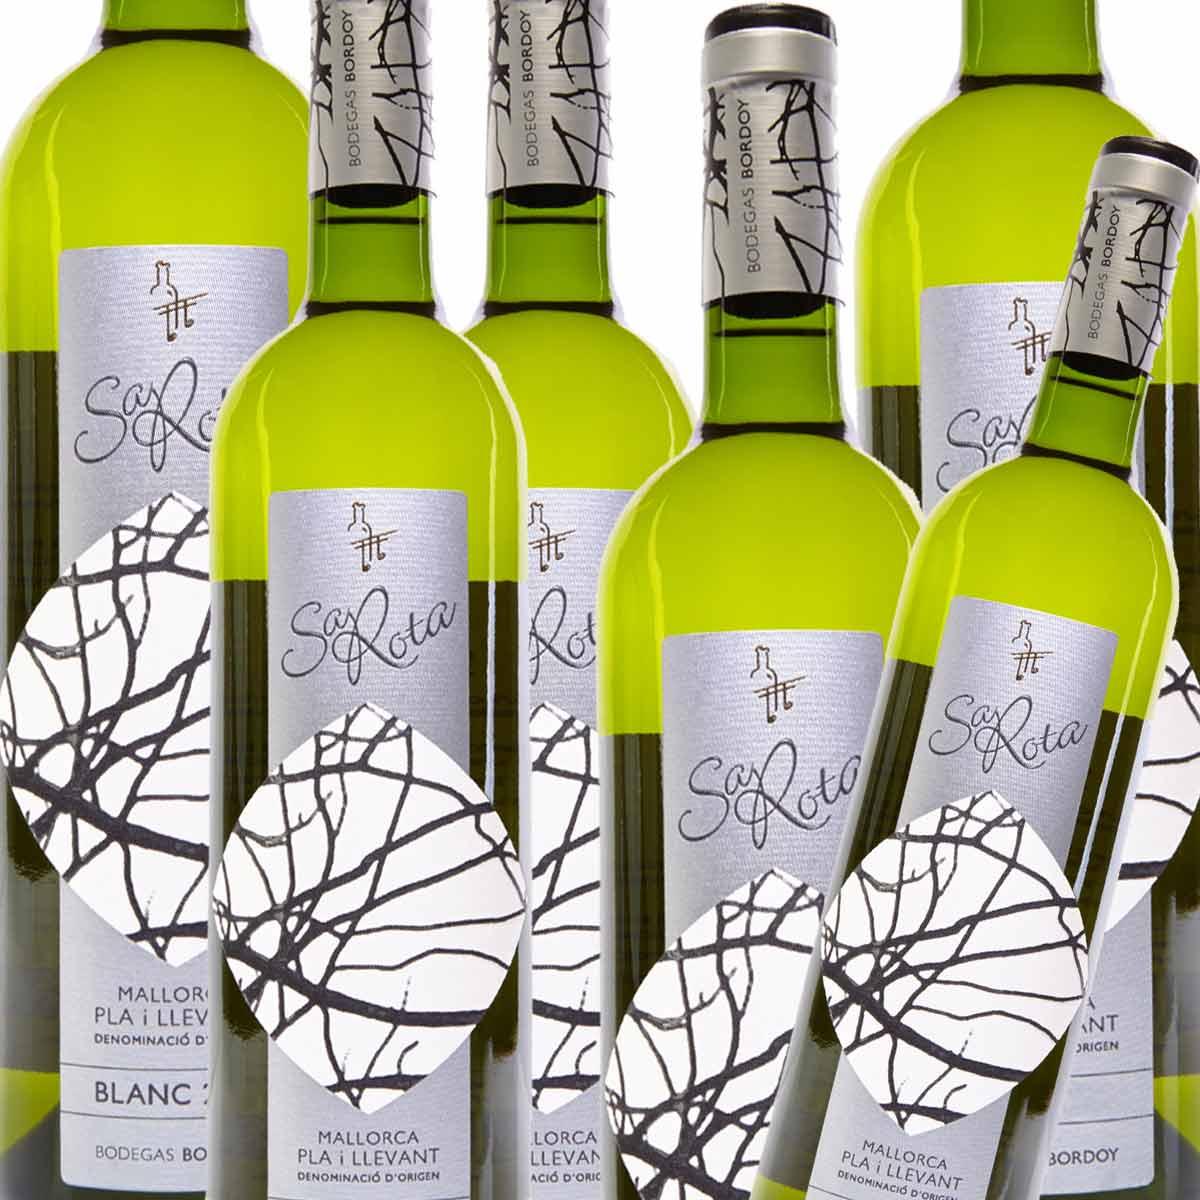 6 x Bordoy Sa Rota Blanc D.O. Pla i Llevant Weißwein